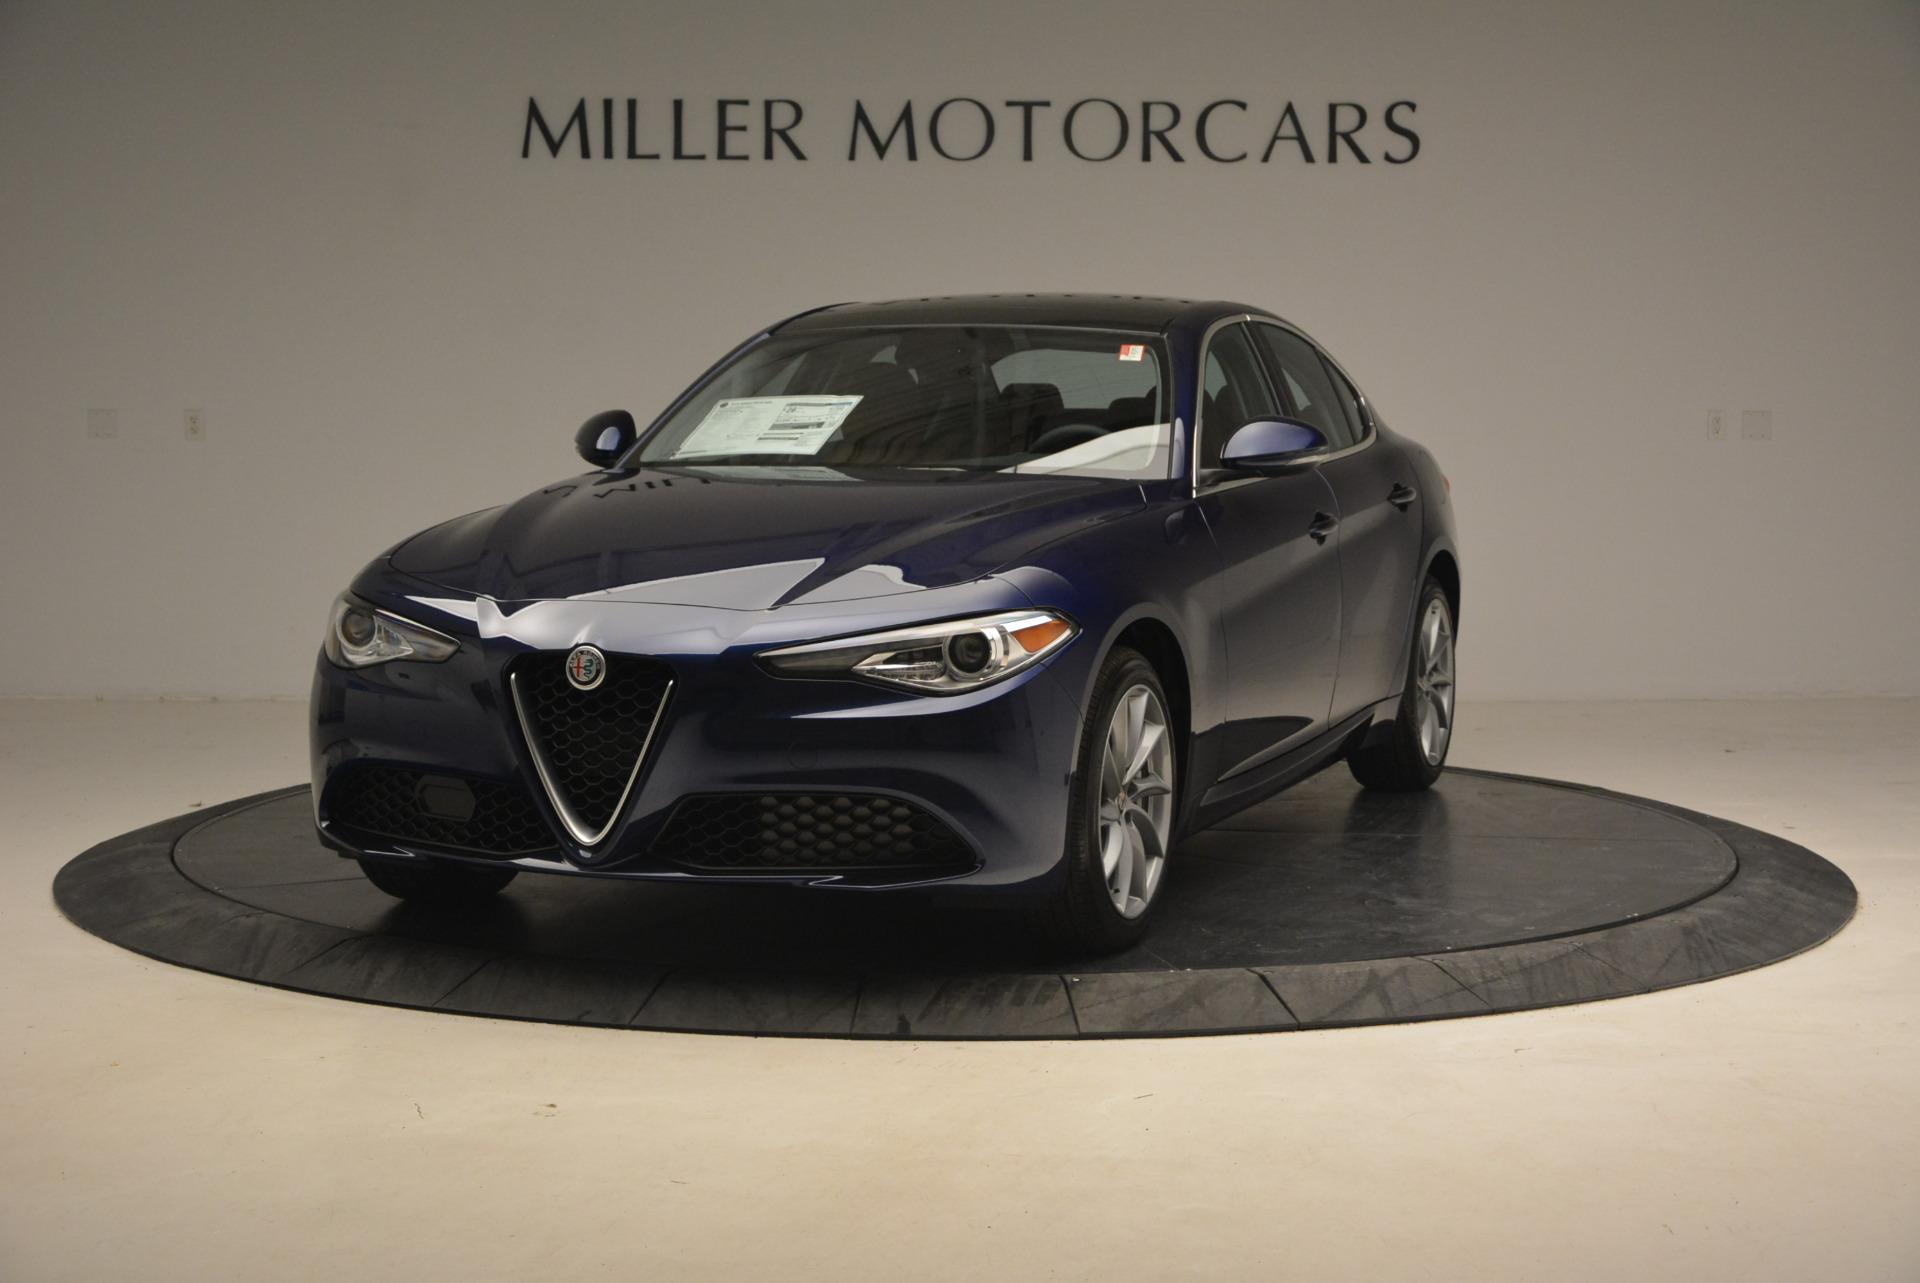 2017 Alfa Romeo Giulia Configurations >> New 2017 Alfa Romeo Giulia Q4 Sold Mclaren Greenwich Ct